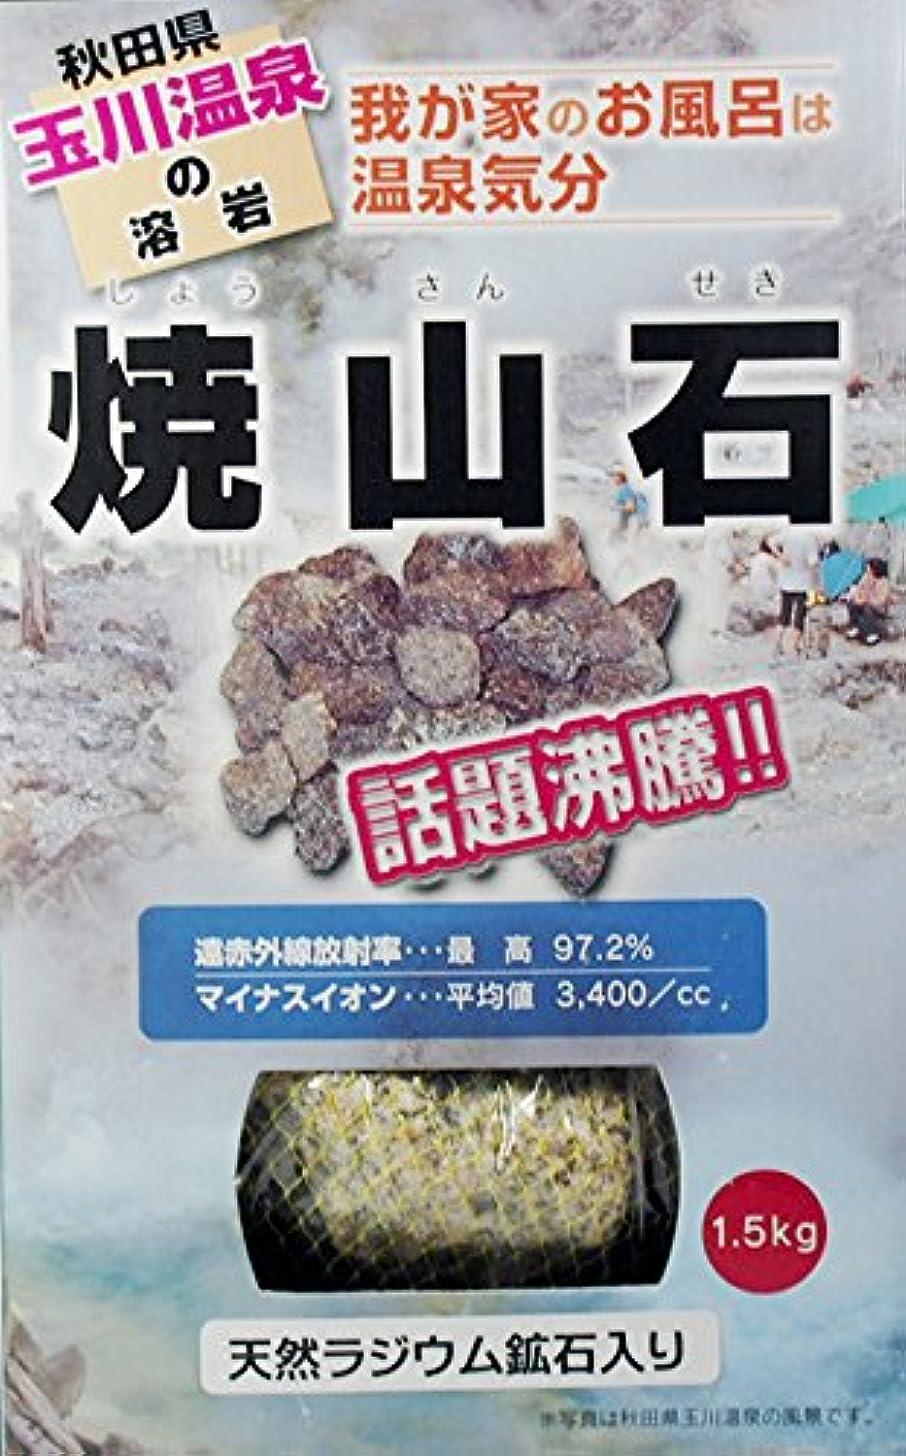 待って共産主義マエストロ【秋田玉川温泉湧出の核、焼山の溶岩】焼山石1.5kg(国産ラジウム鉱石混入)【お風呂でポカポカに】